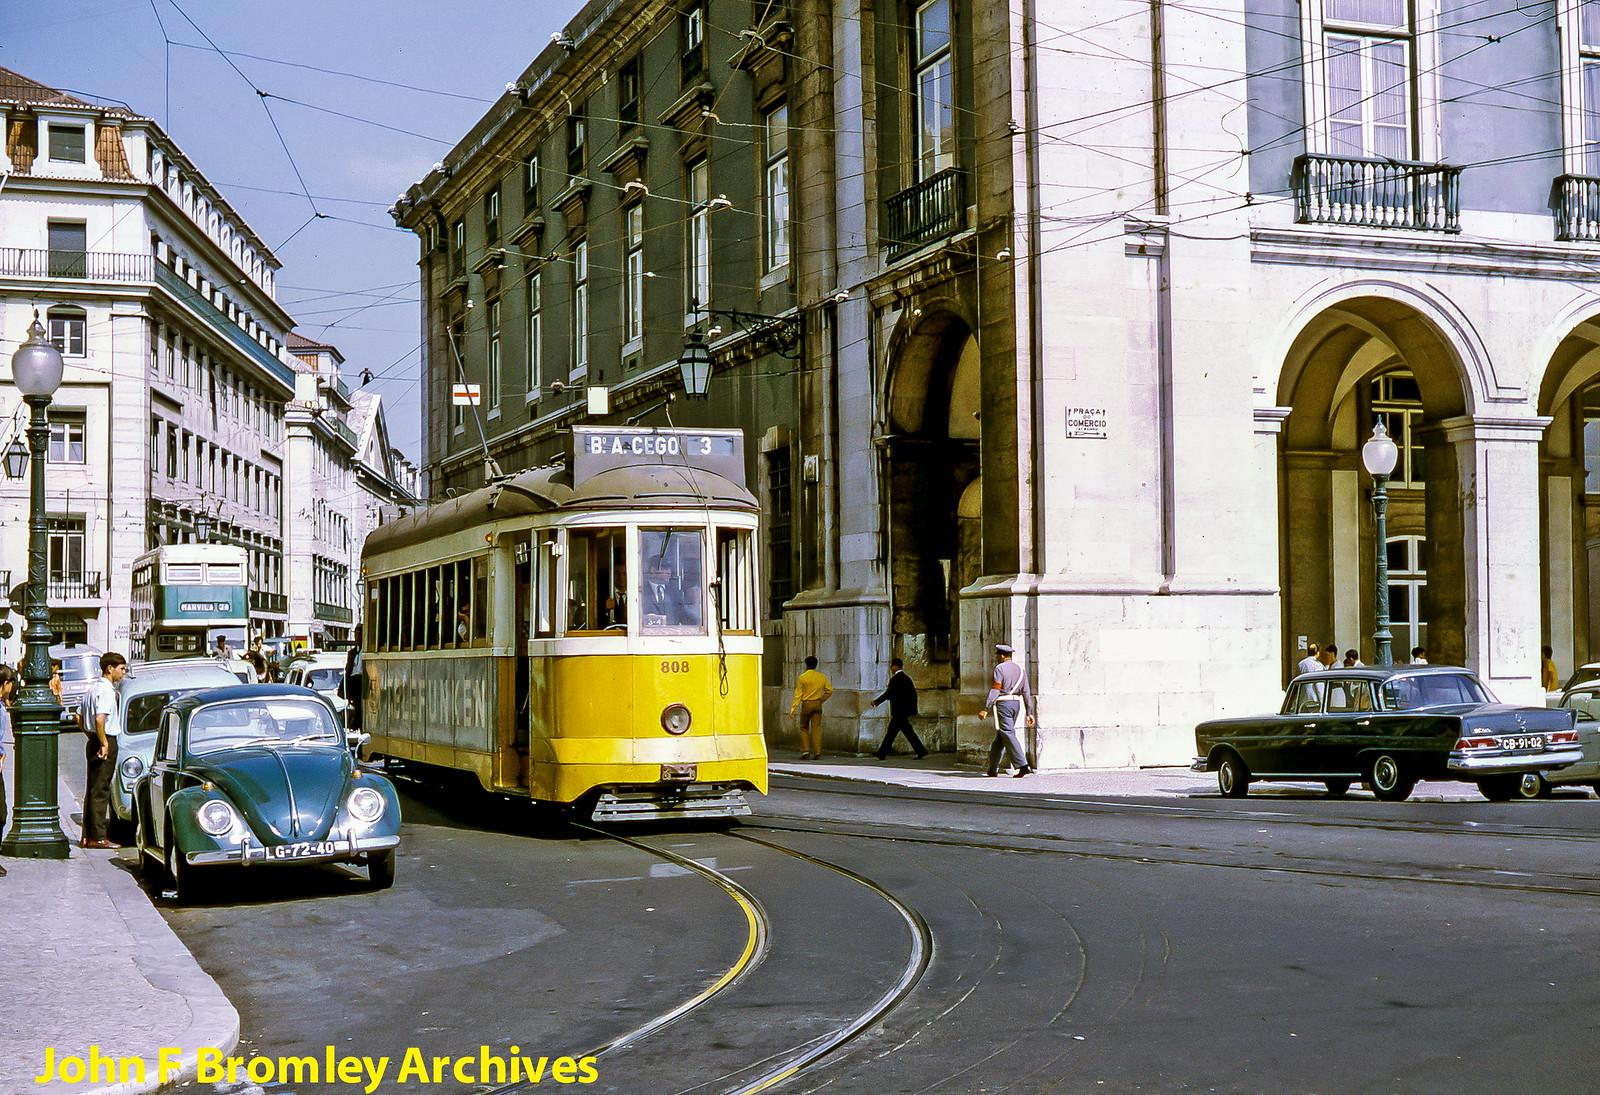 Eléctrico 3 para  B.º do Arco do Cego, Rua da Alfândega (J.F. Bromley, ante 1972)